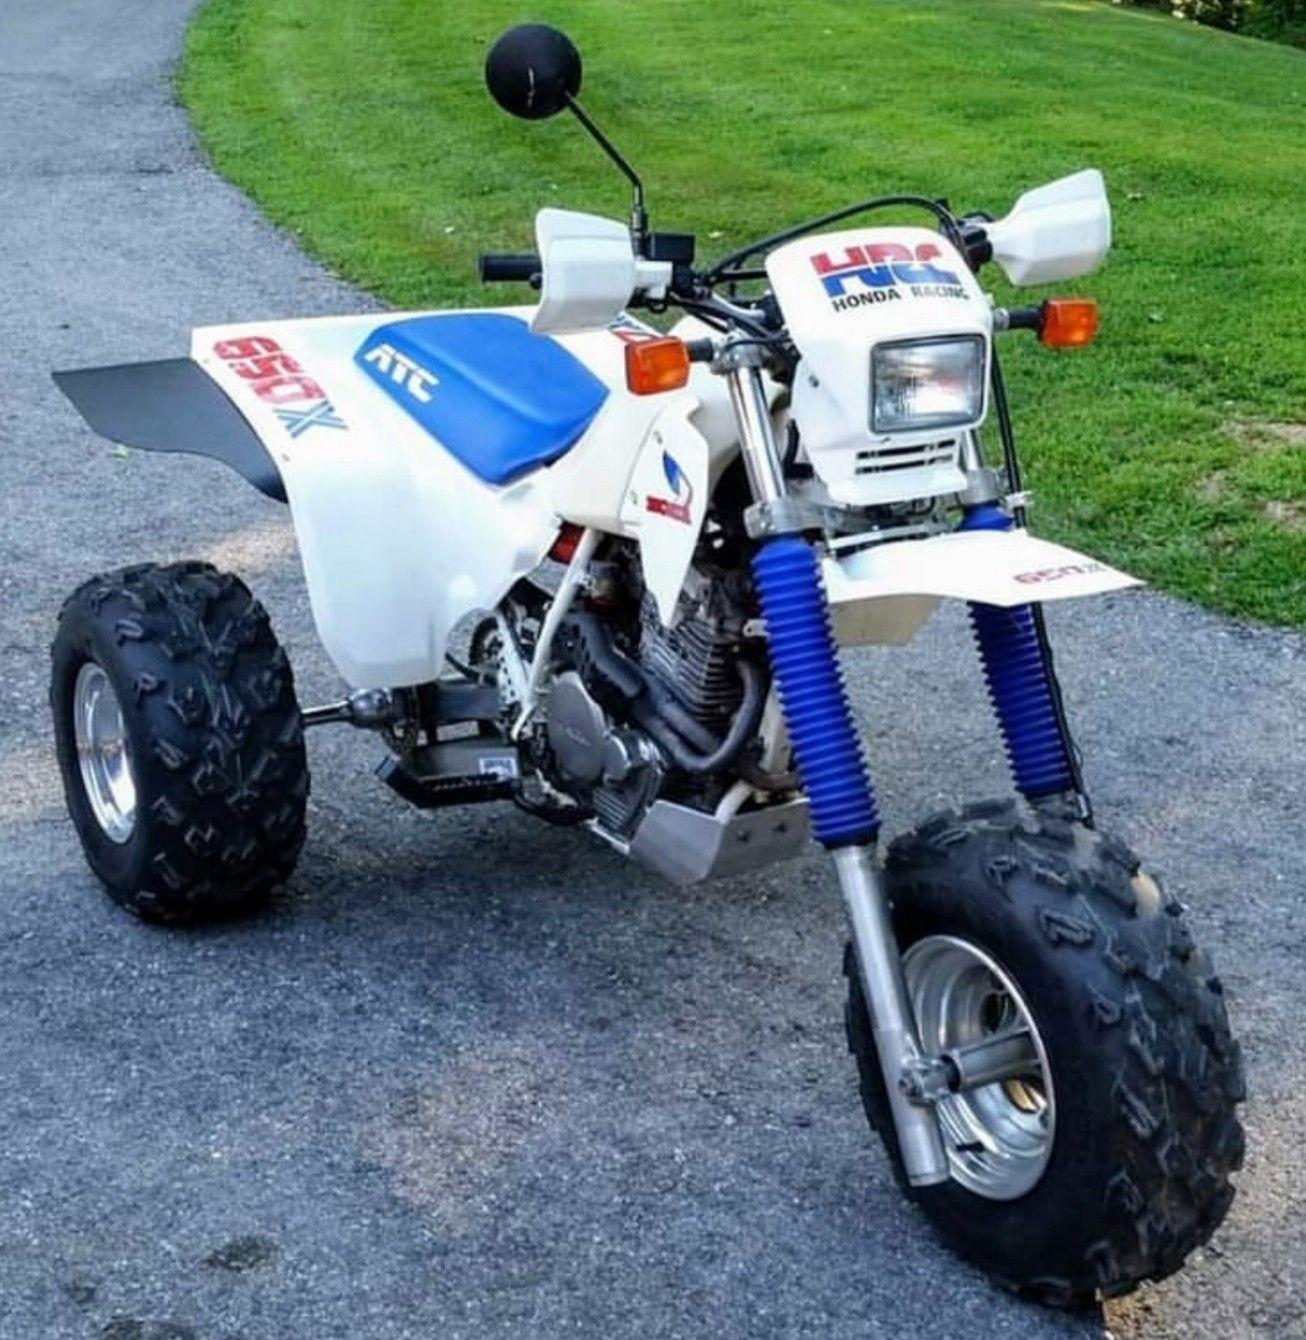 Custom Street Legal Honda Atc650x Honda Motorcycles All Terrain Vehicles Honda